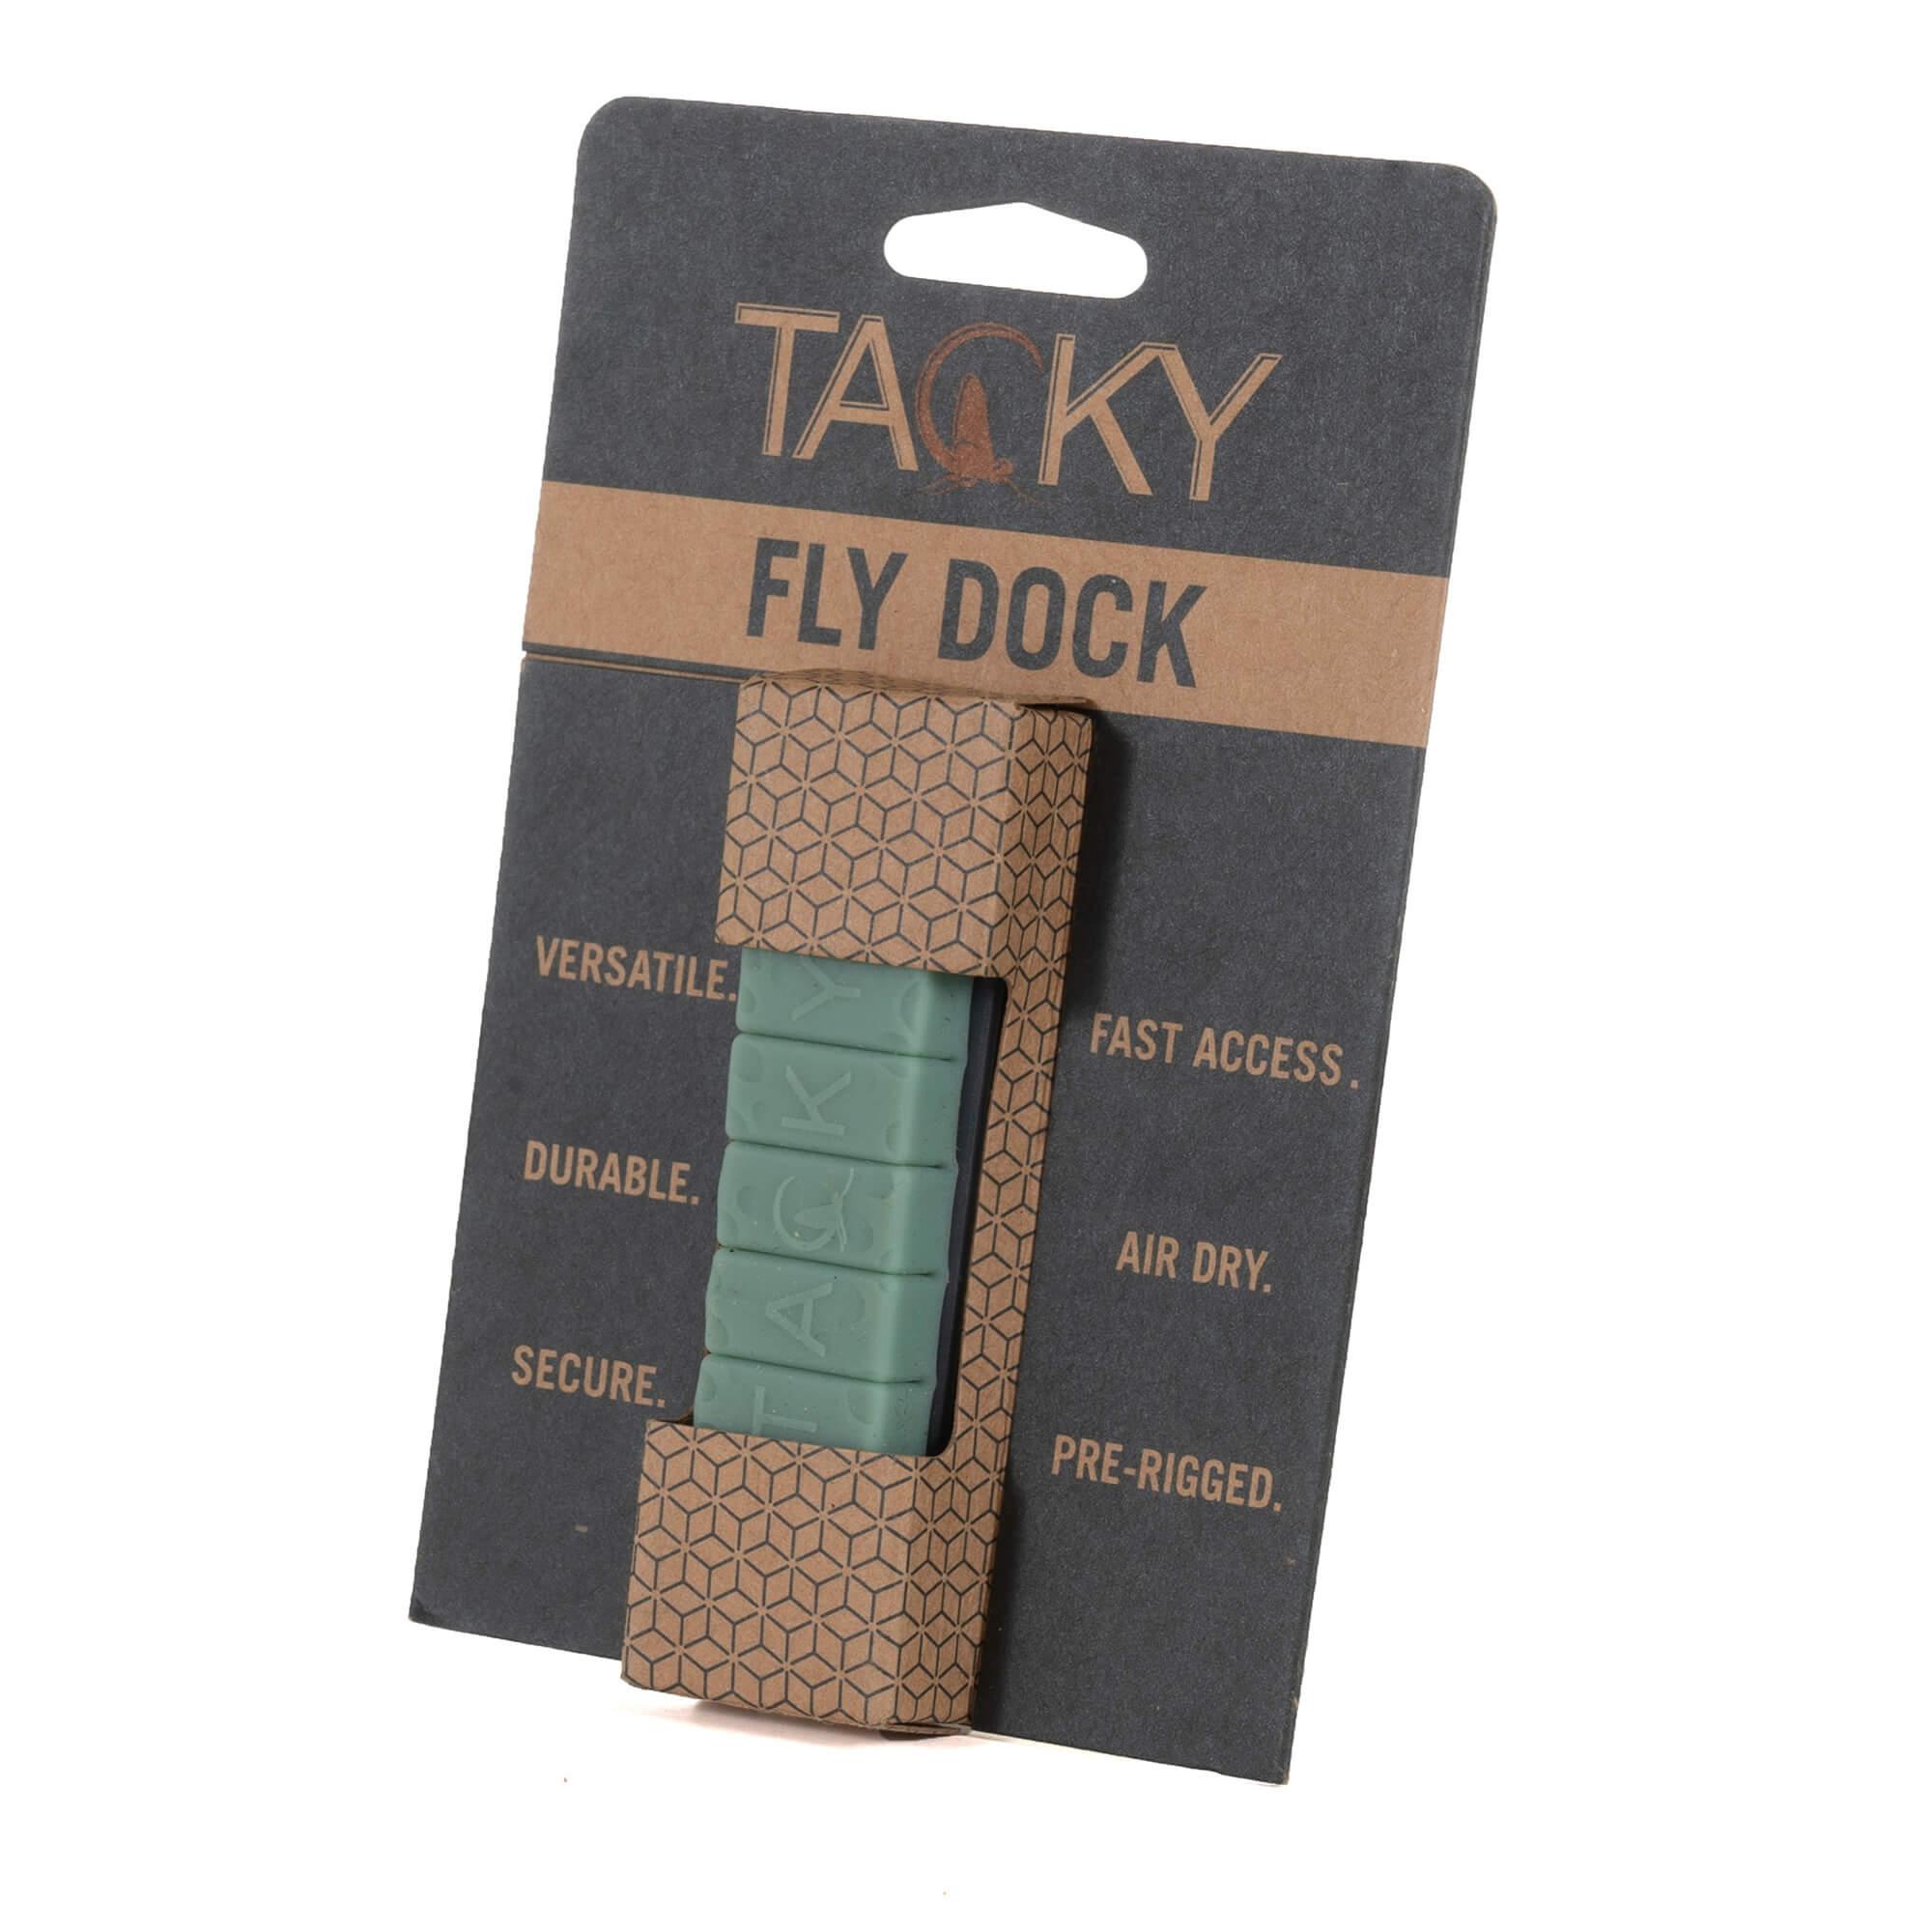 TACKY FLY DOCK